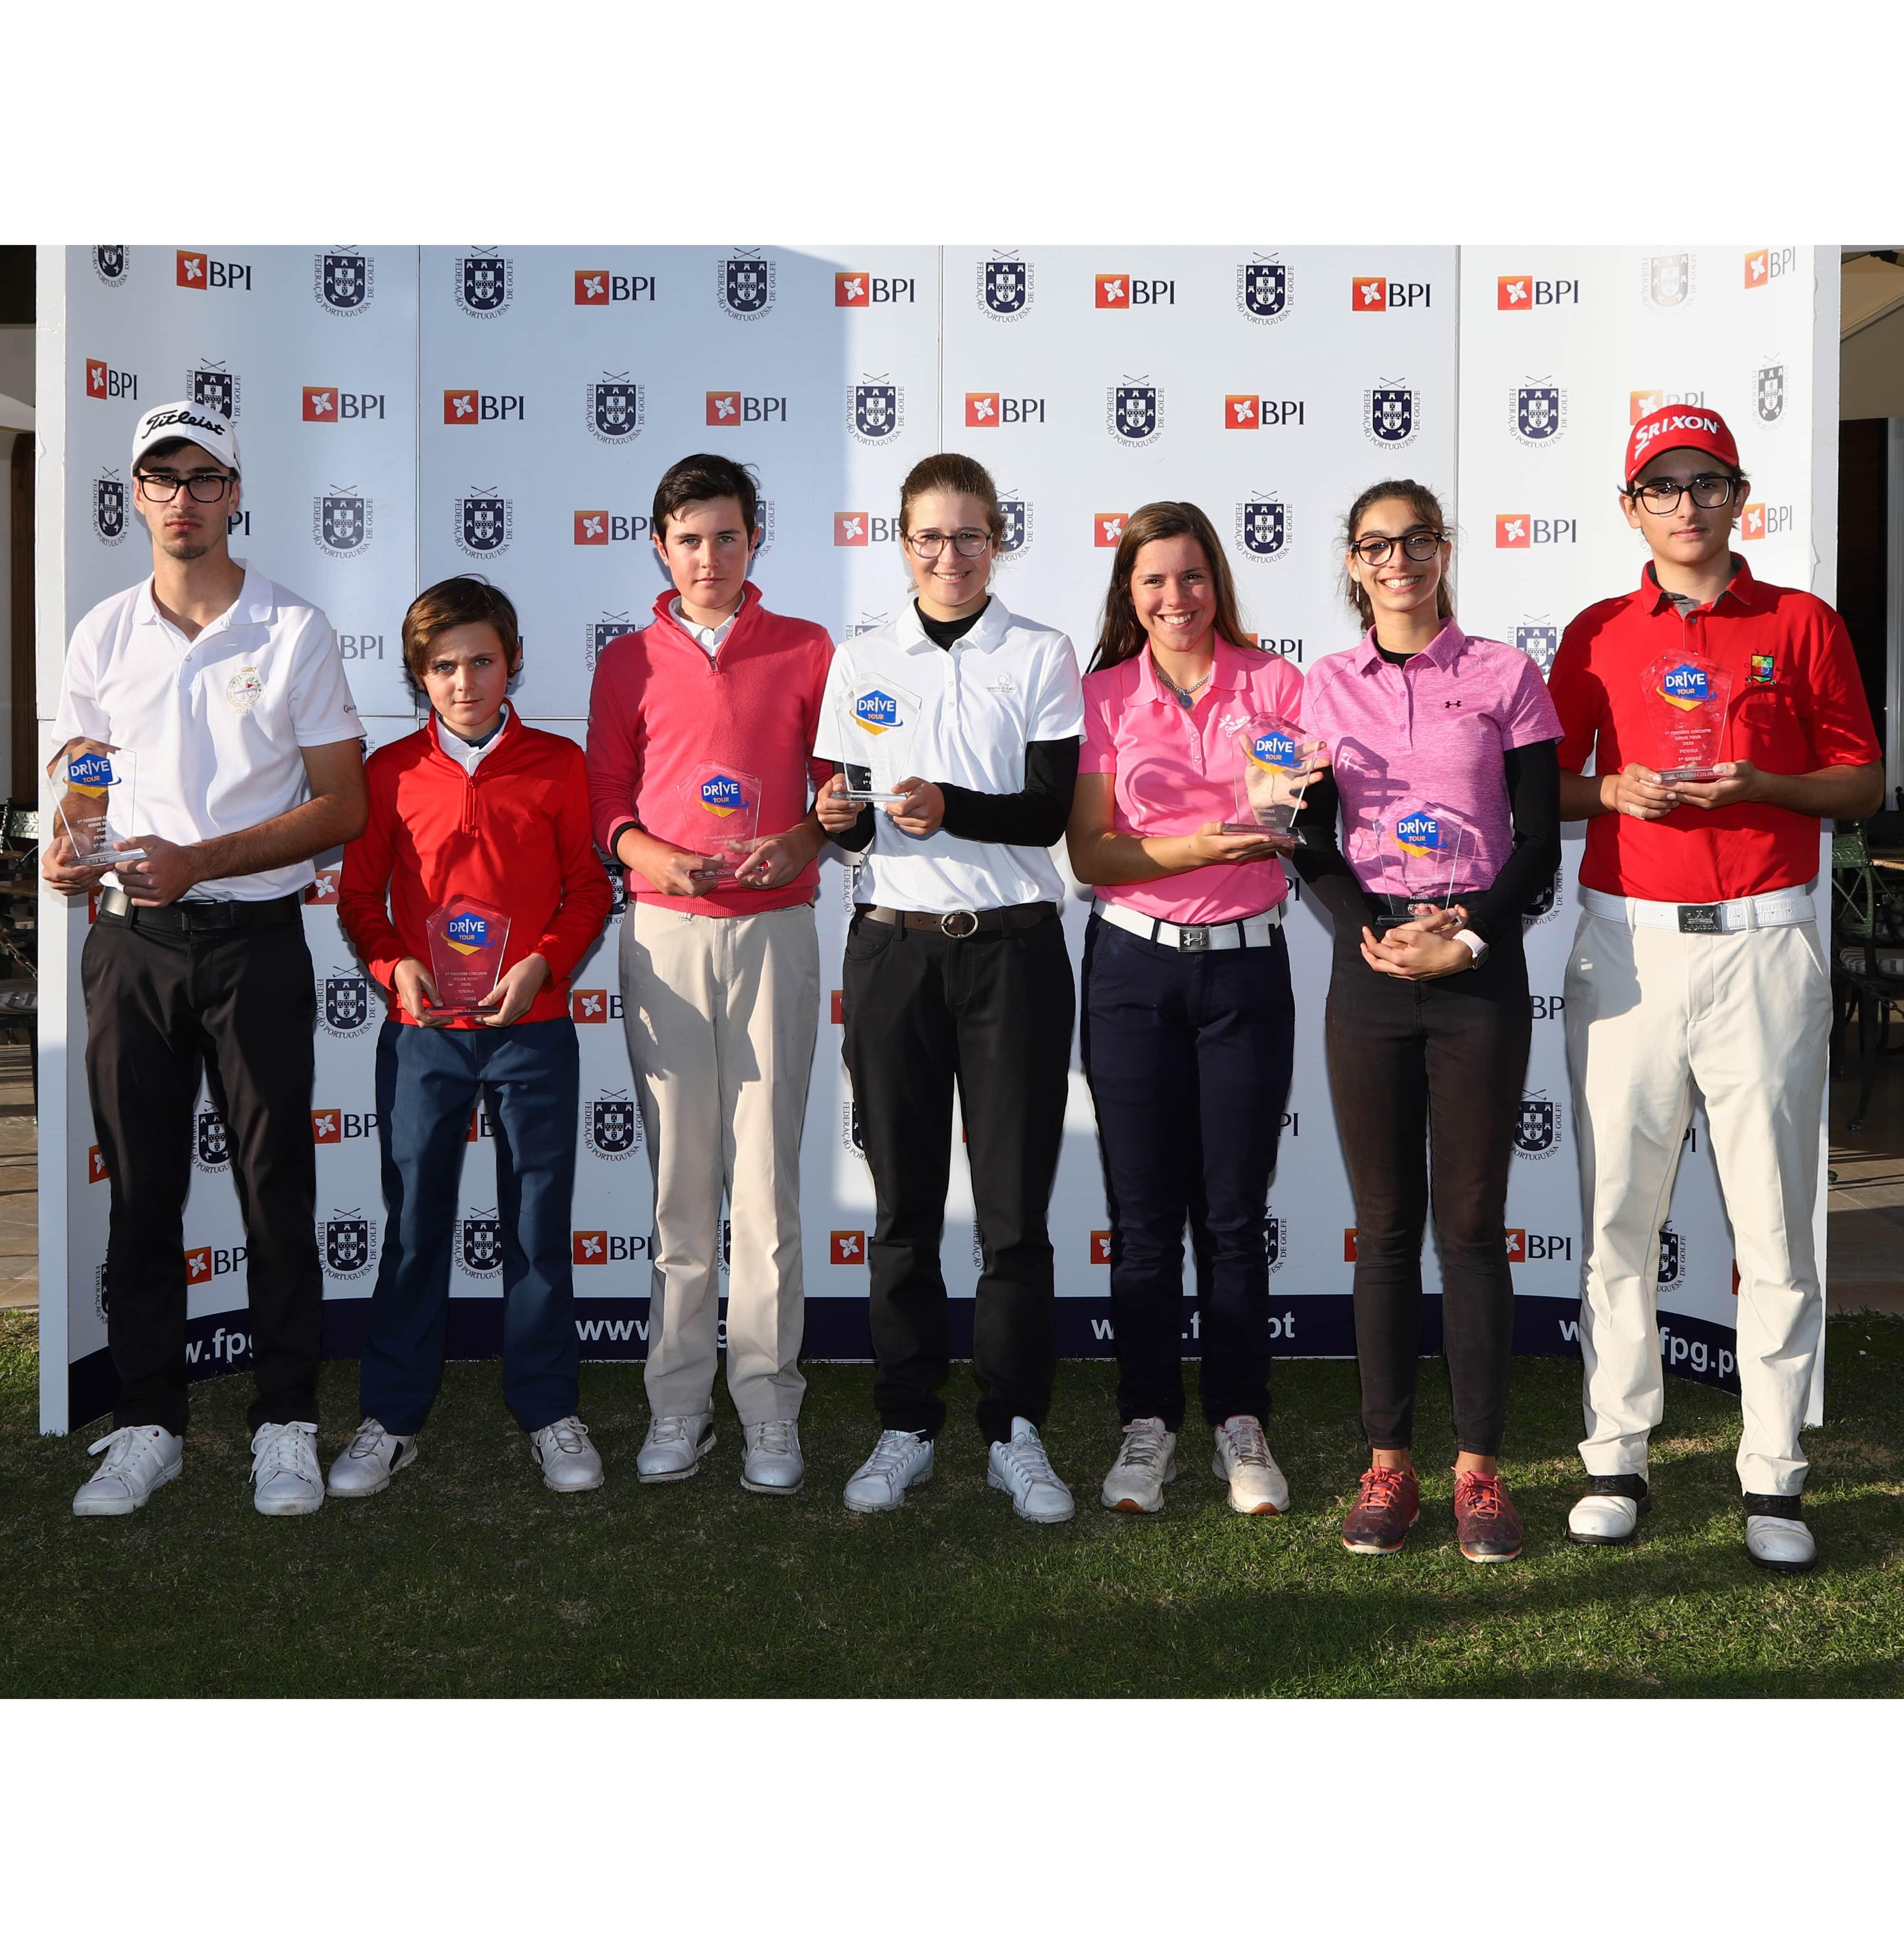 1.º Torneio Drive Tour – Campeonato Nacional de Jovens – Três play-offs no arranque da época nacional